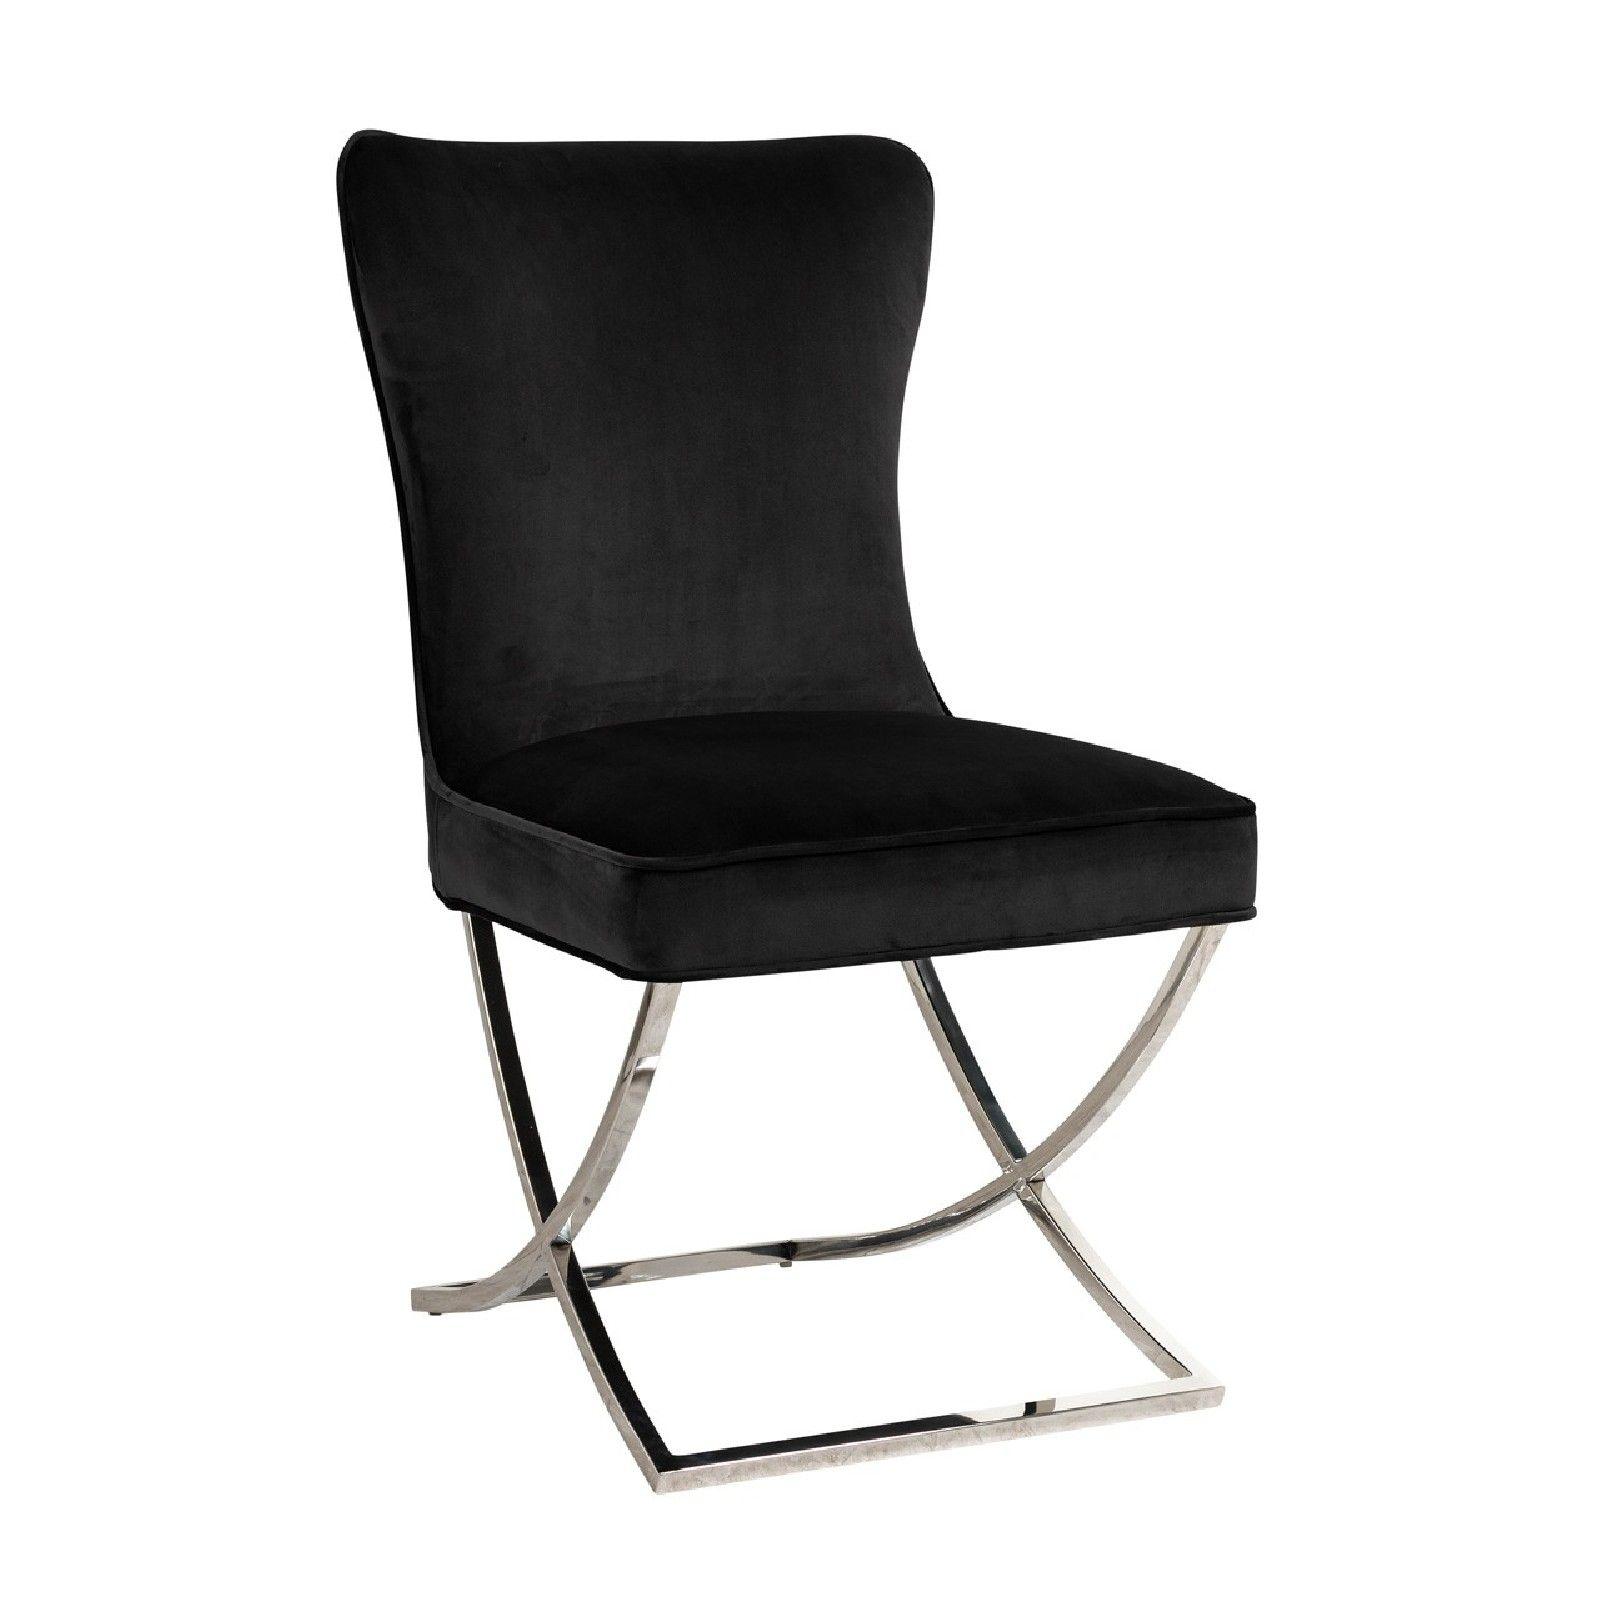 Chaise Scarlett Black velvet / silver Salle à manger - 49